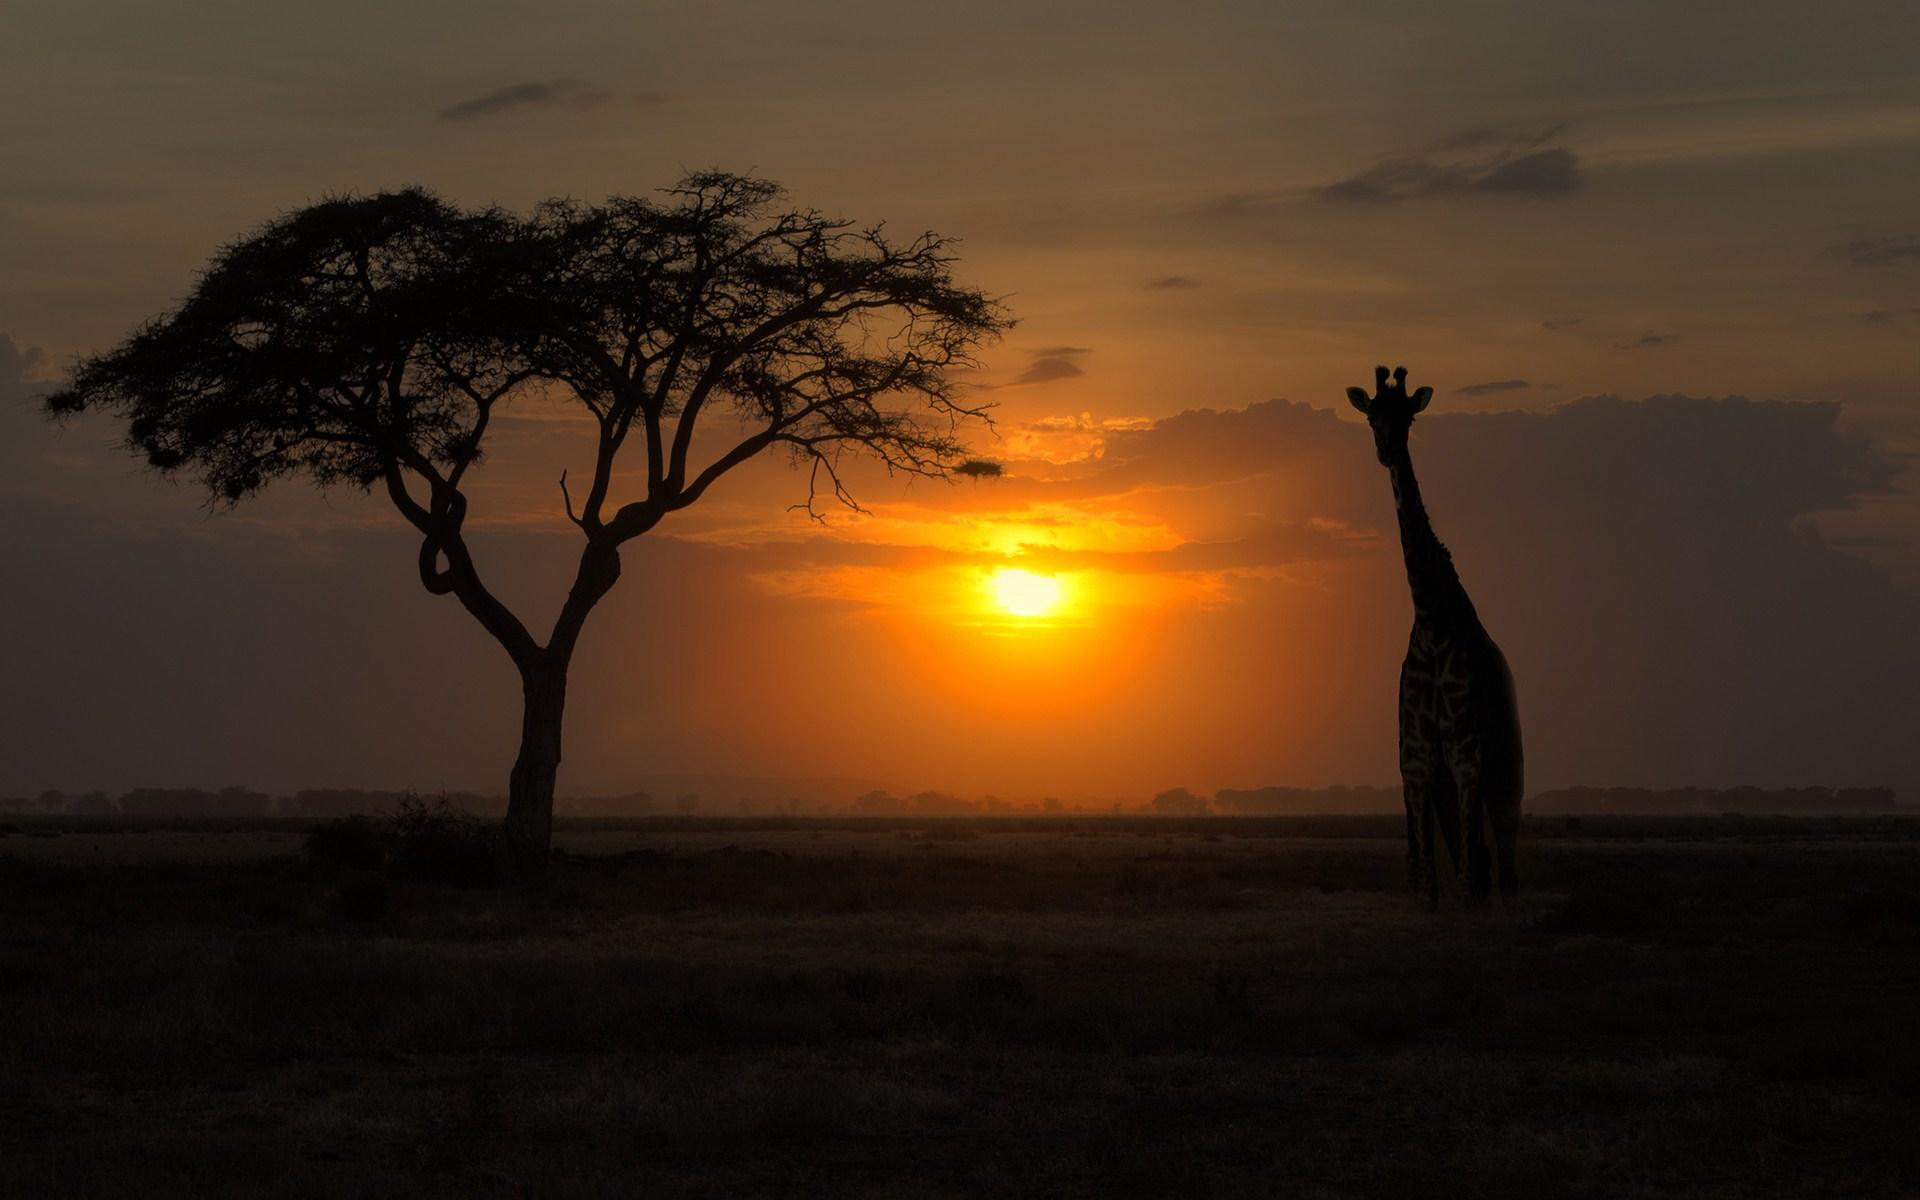 Sunset Giraffe Tree Photo